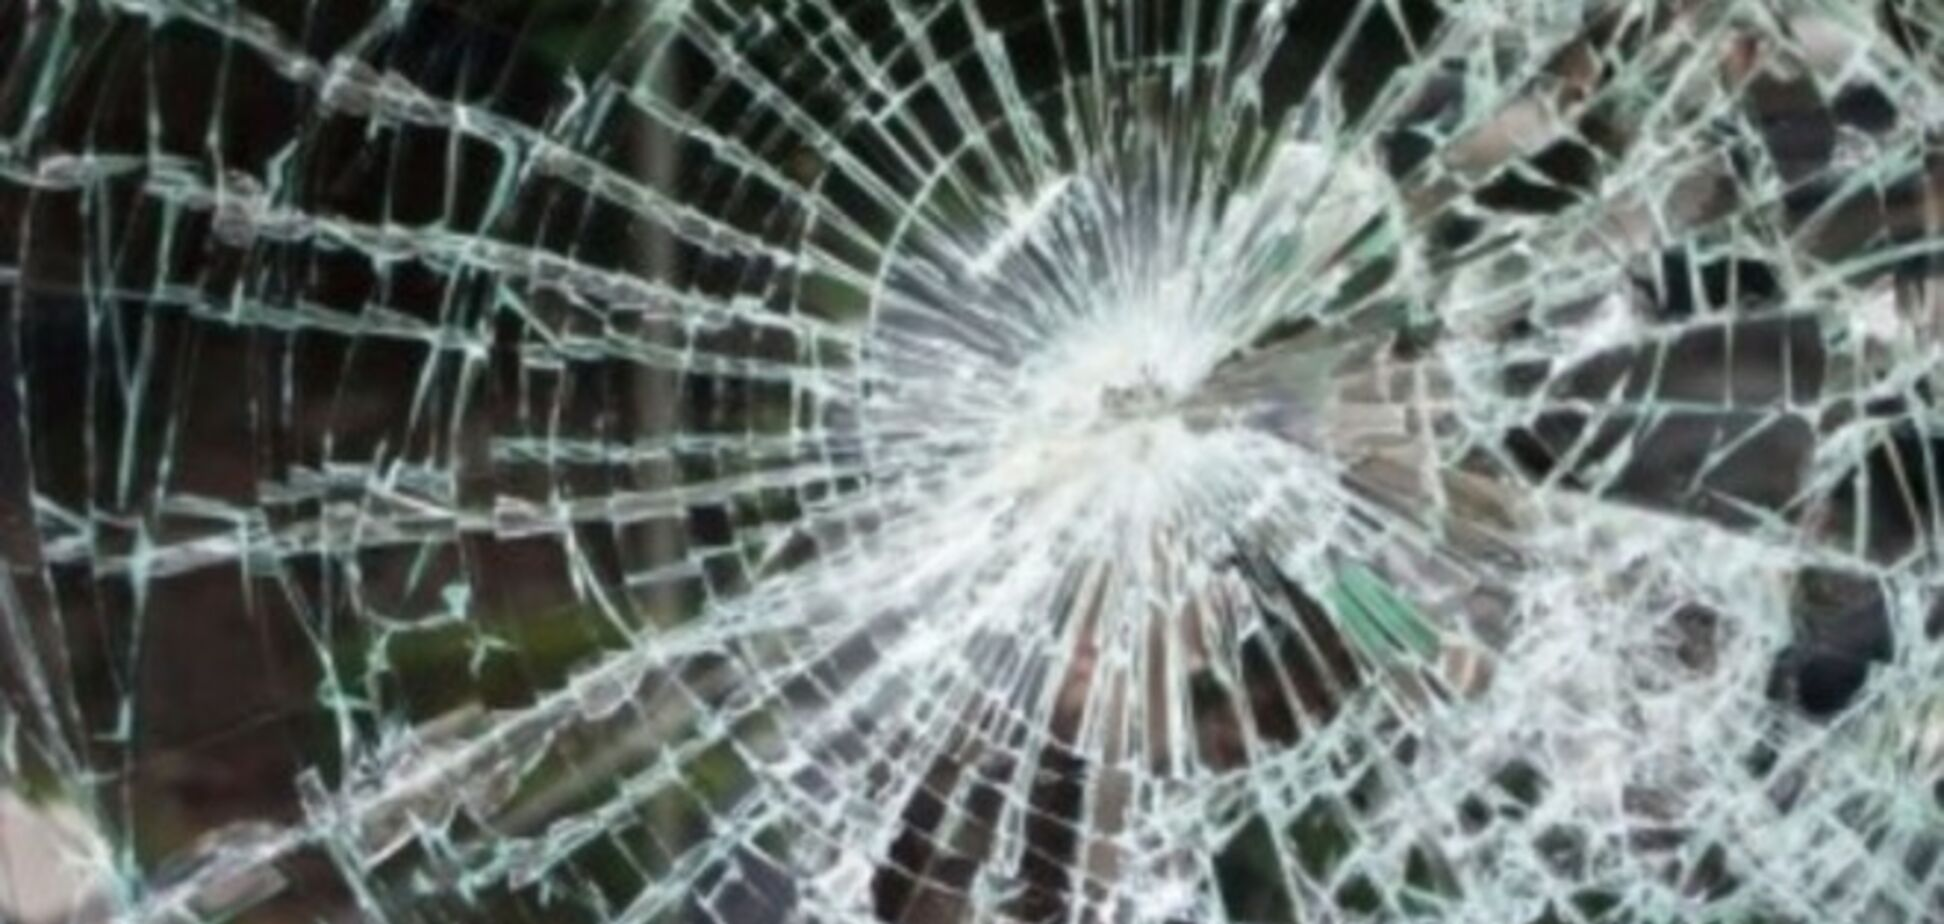 В Мариуполе из автомата обстреляли маршрутку: есть раненые - СМИ